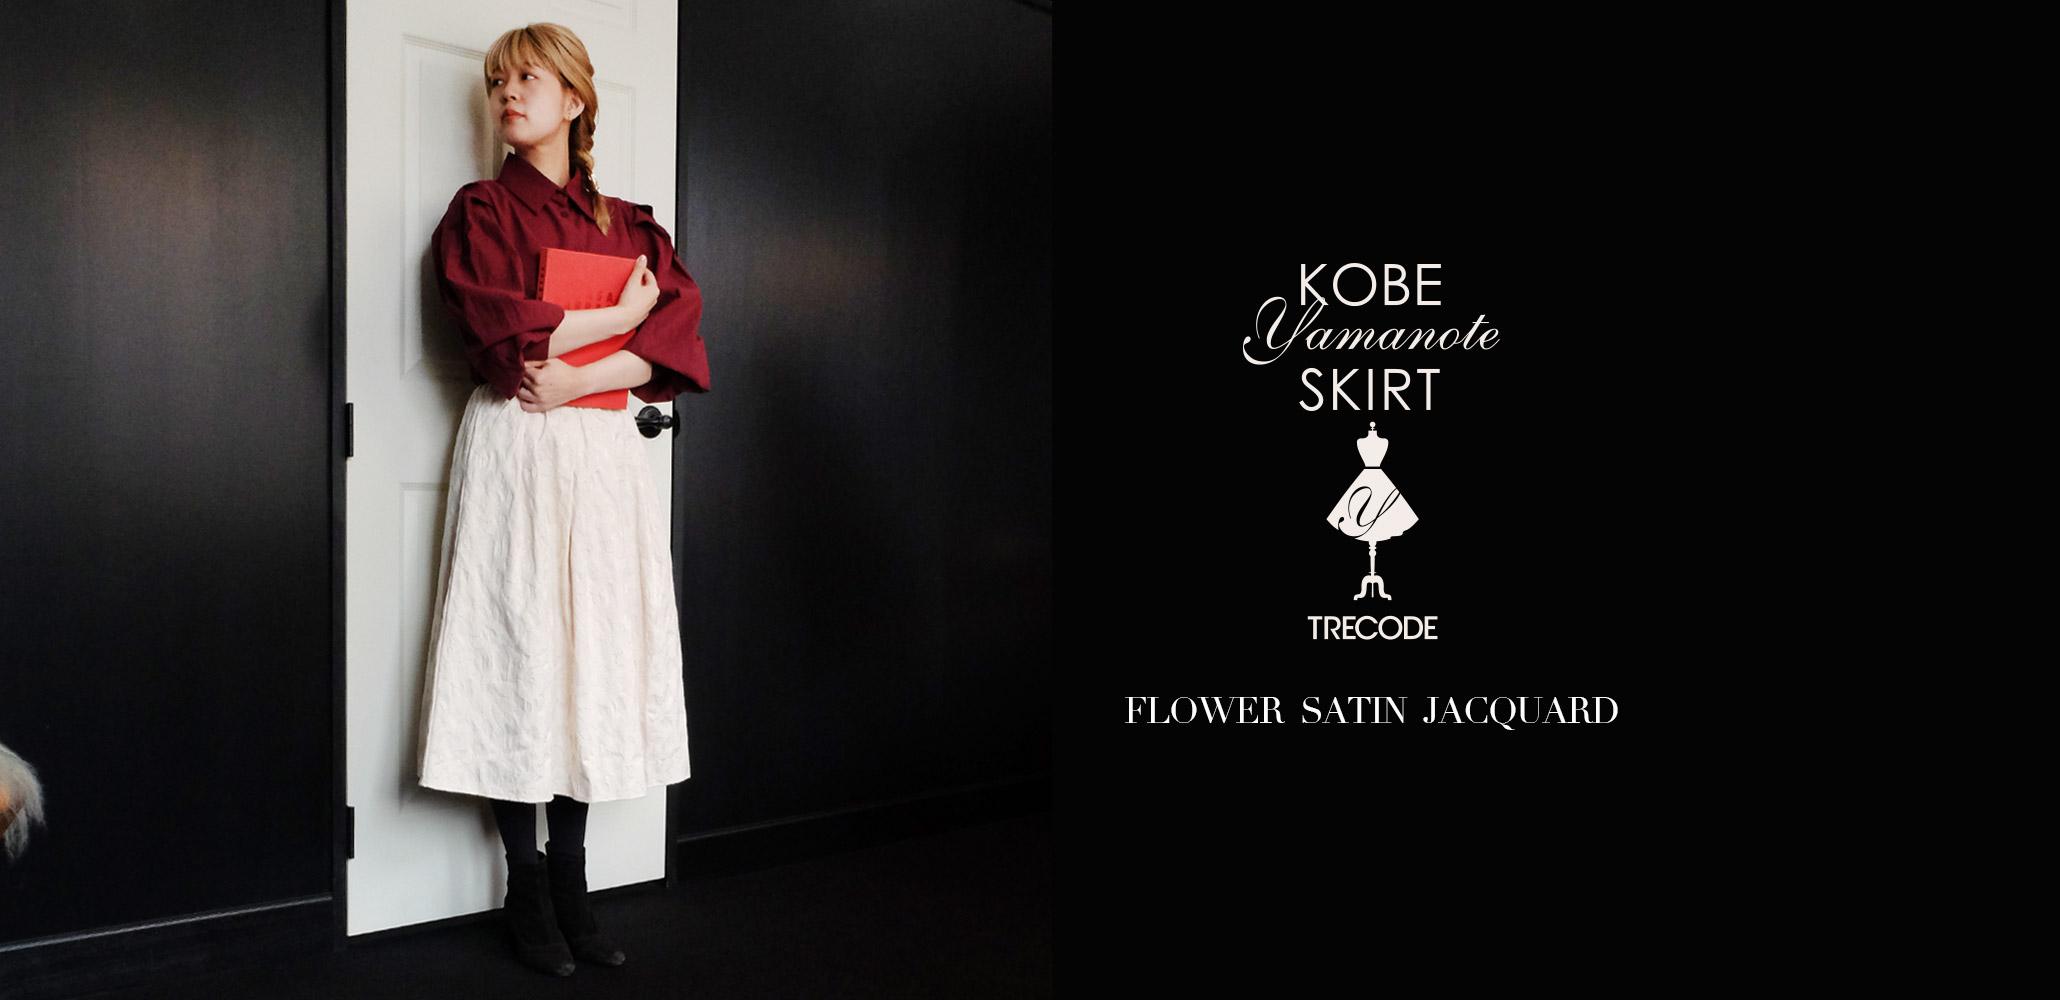 新作秋冬フレアスカート│神戸・山の手花柄サテンジャガードスカート